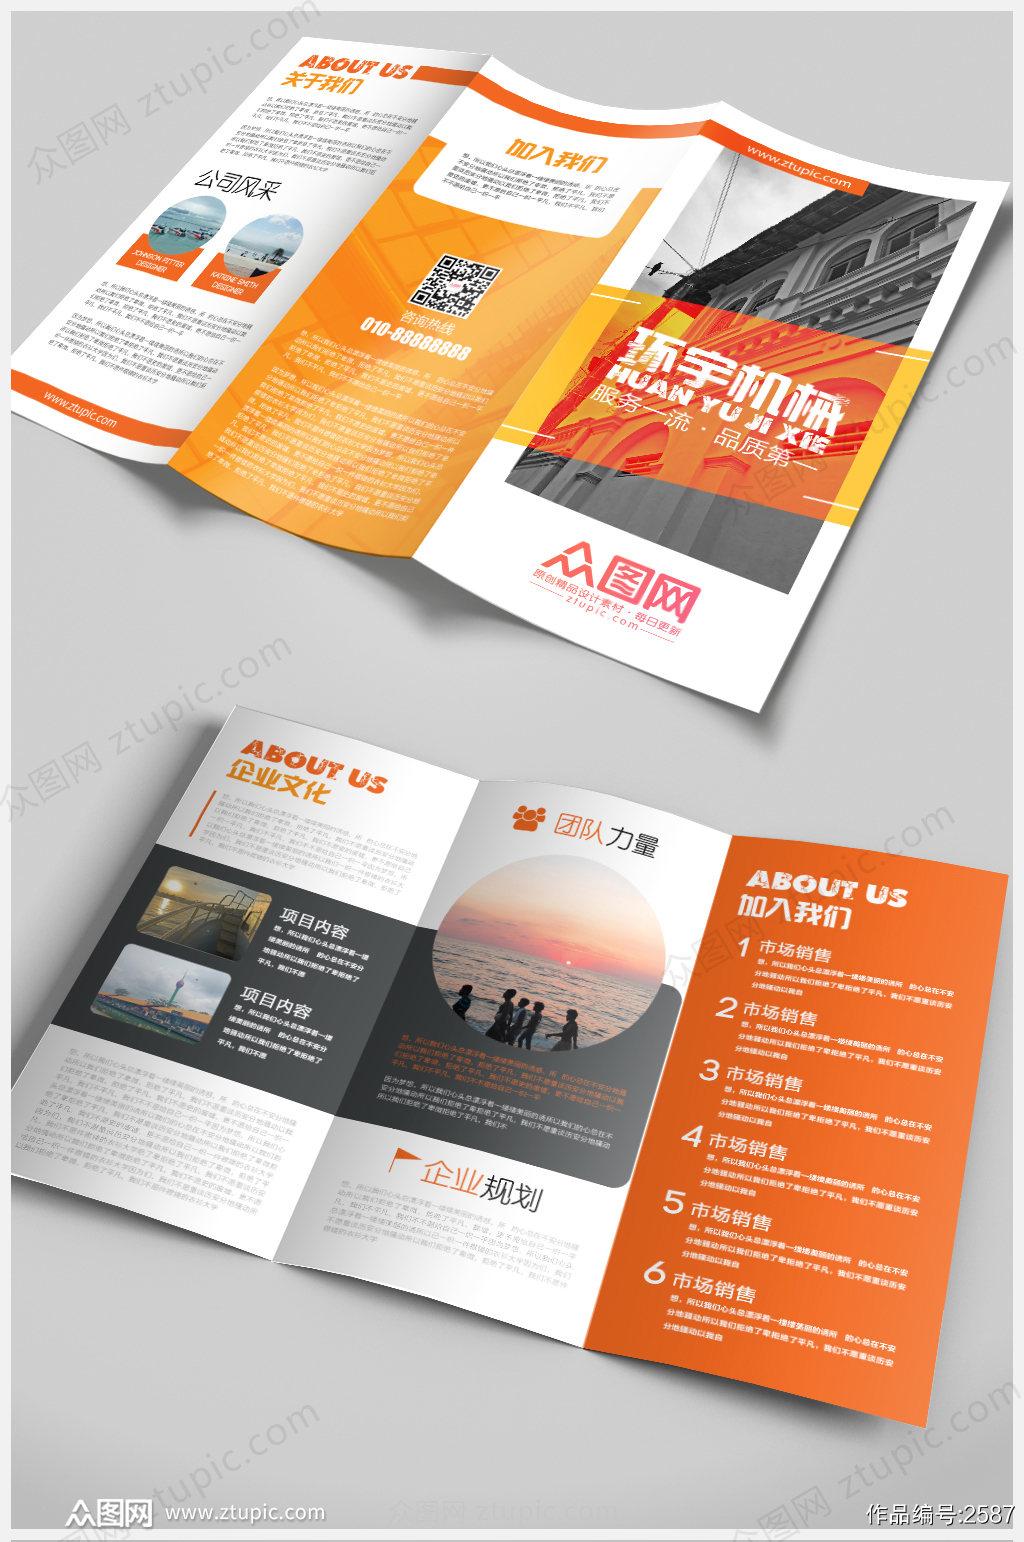 橘色色块创意企业三折页素材